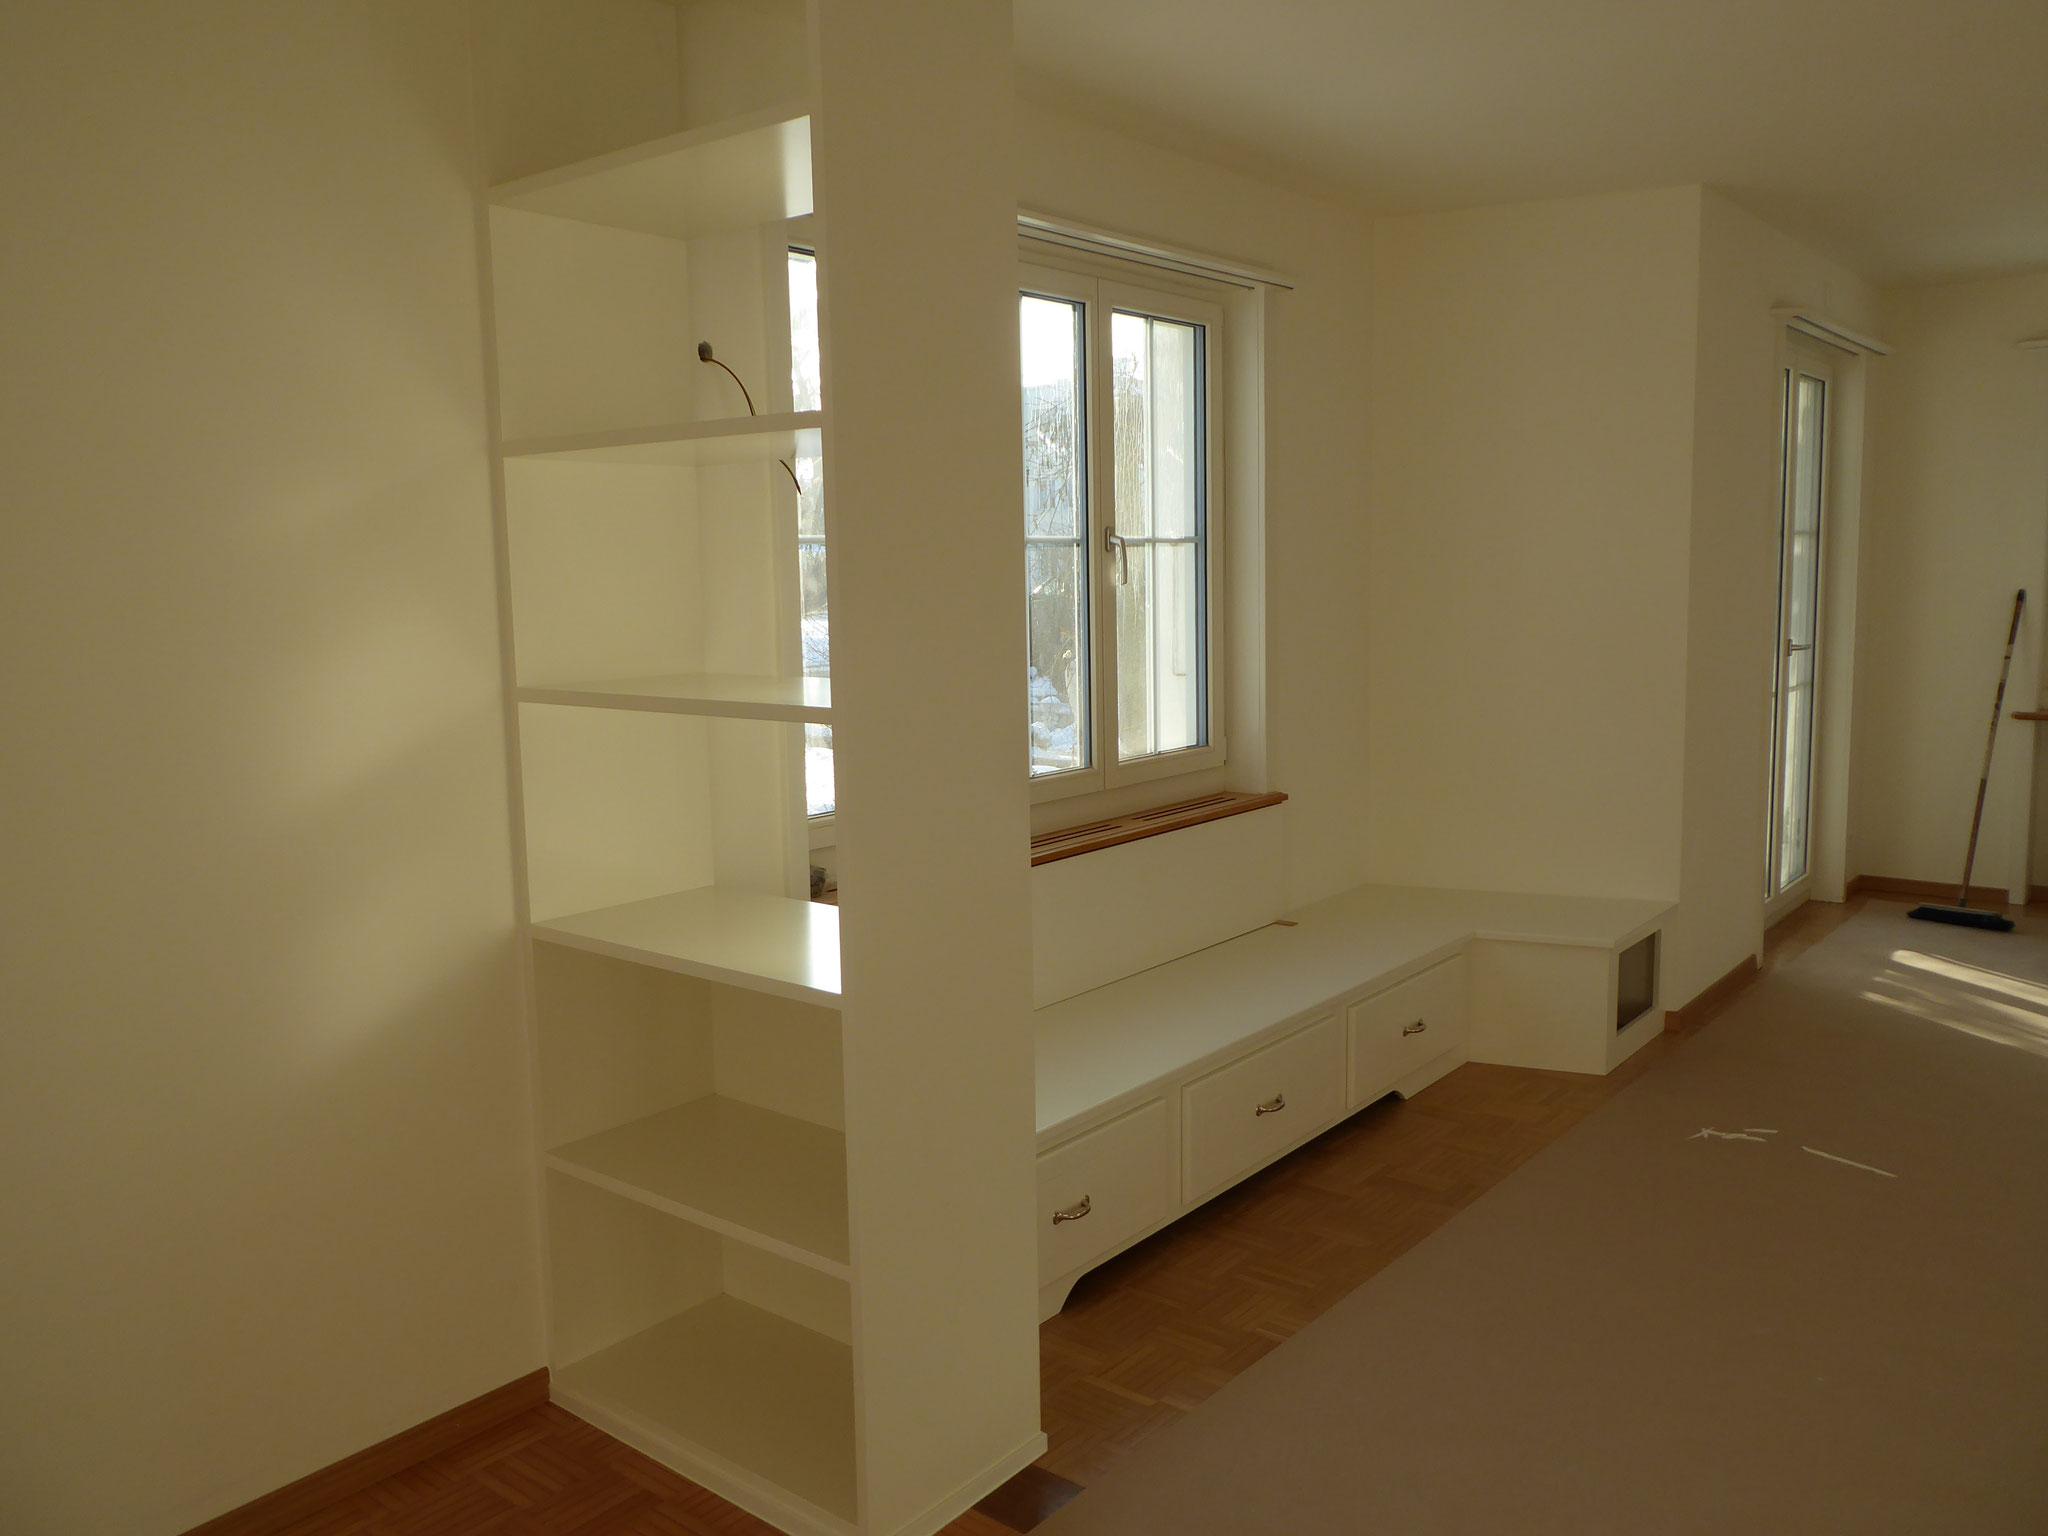 Sitzmöbel mit Bücherregal in EFH Zofingen